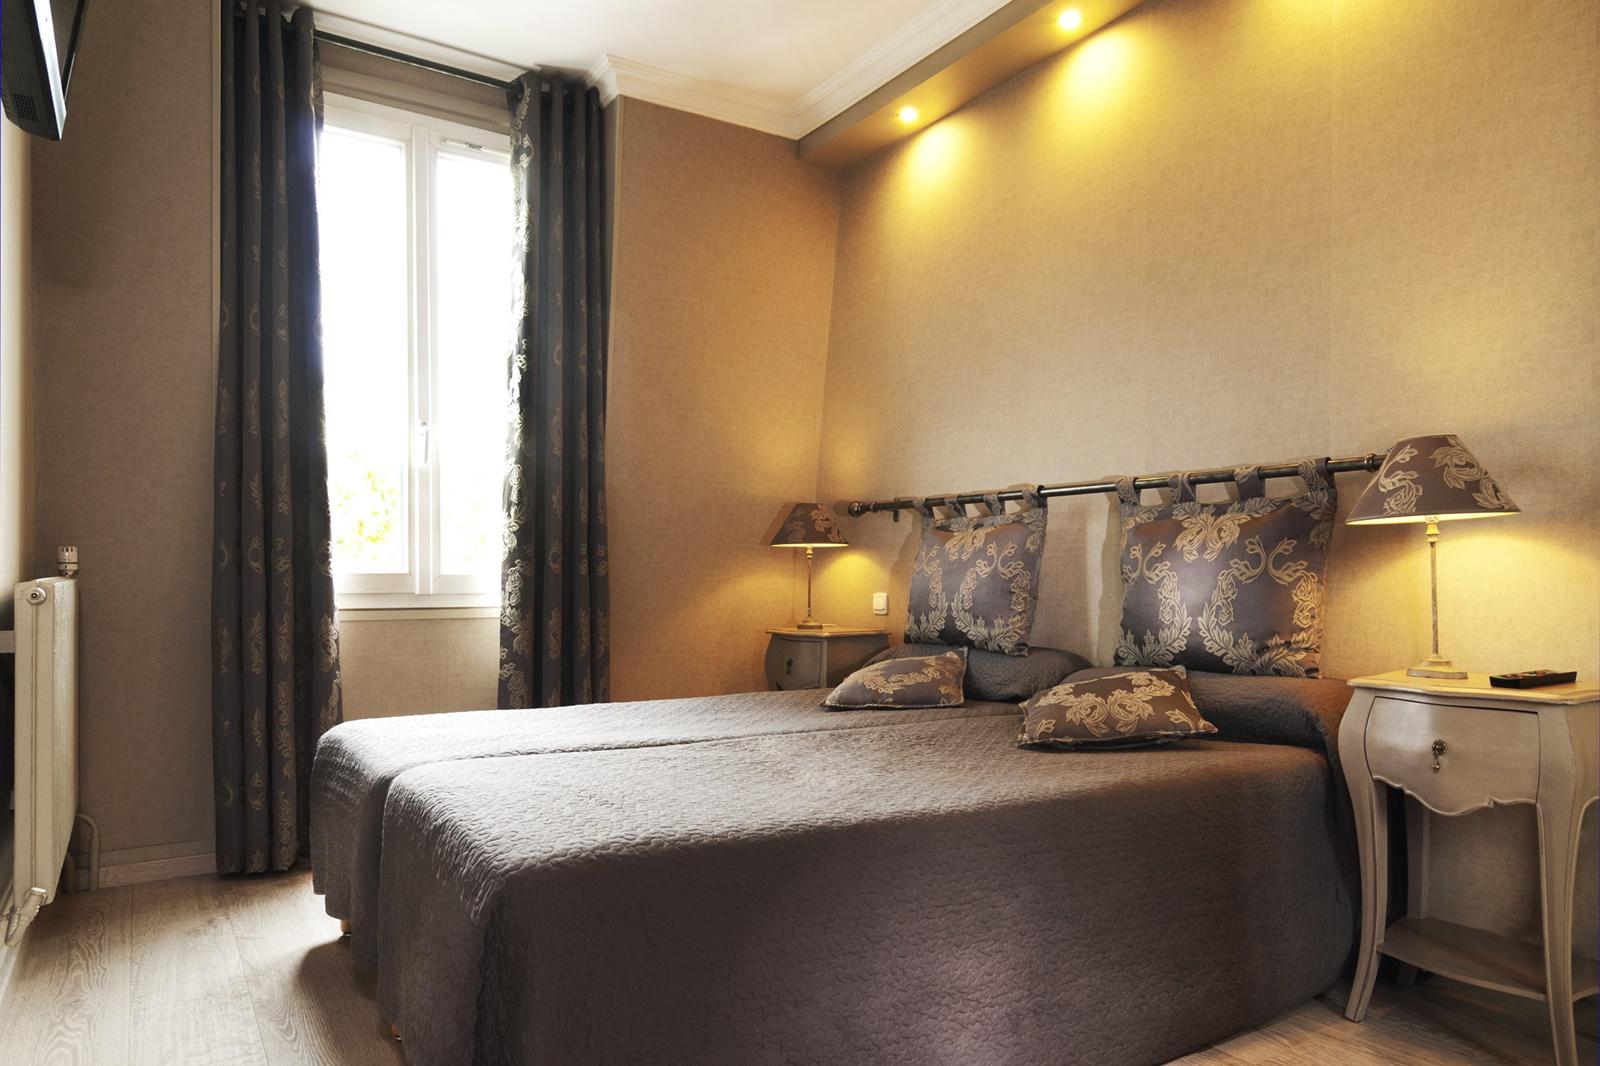 Hotel-du-chateau-2